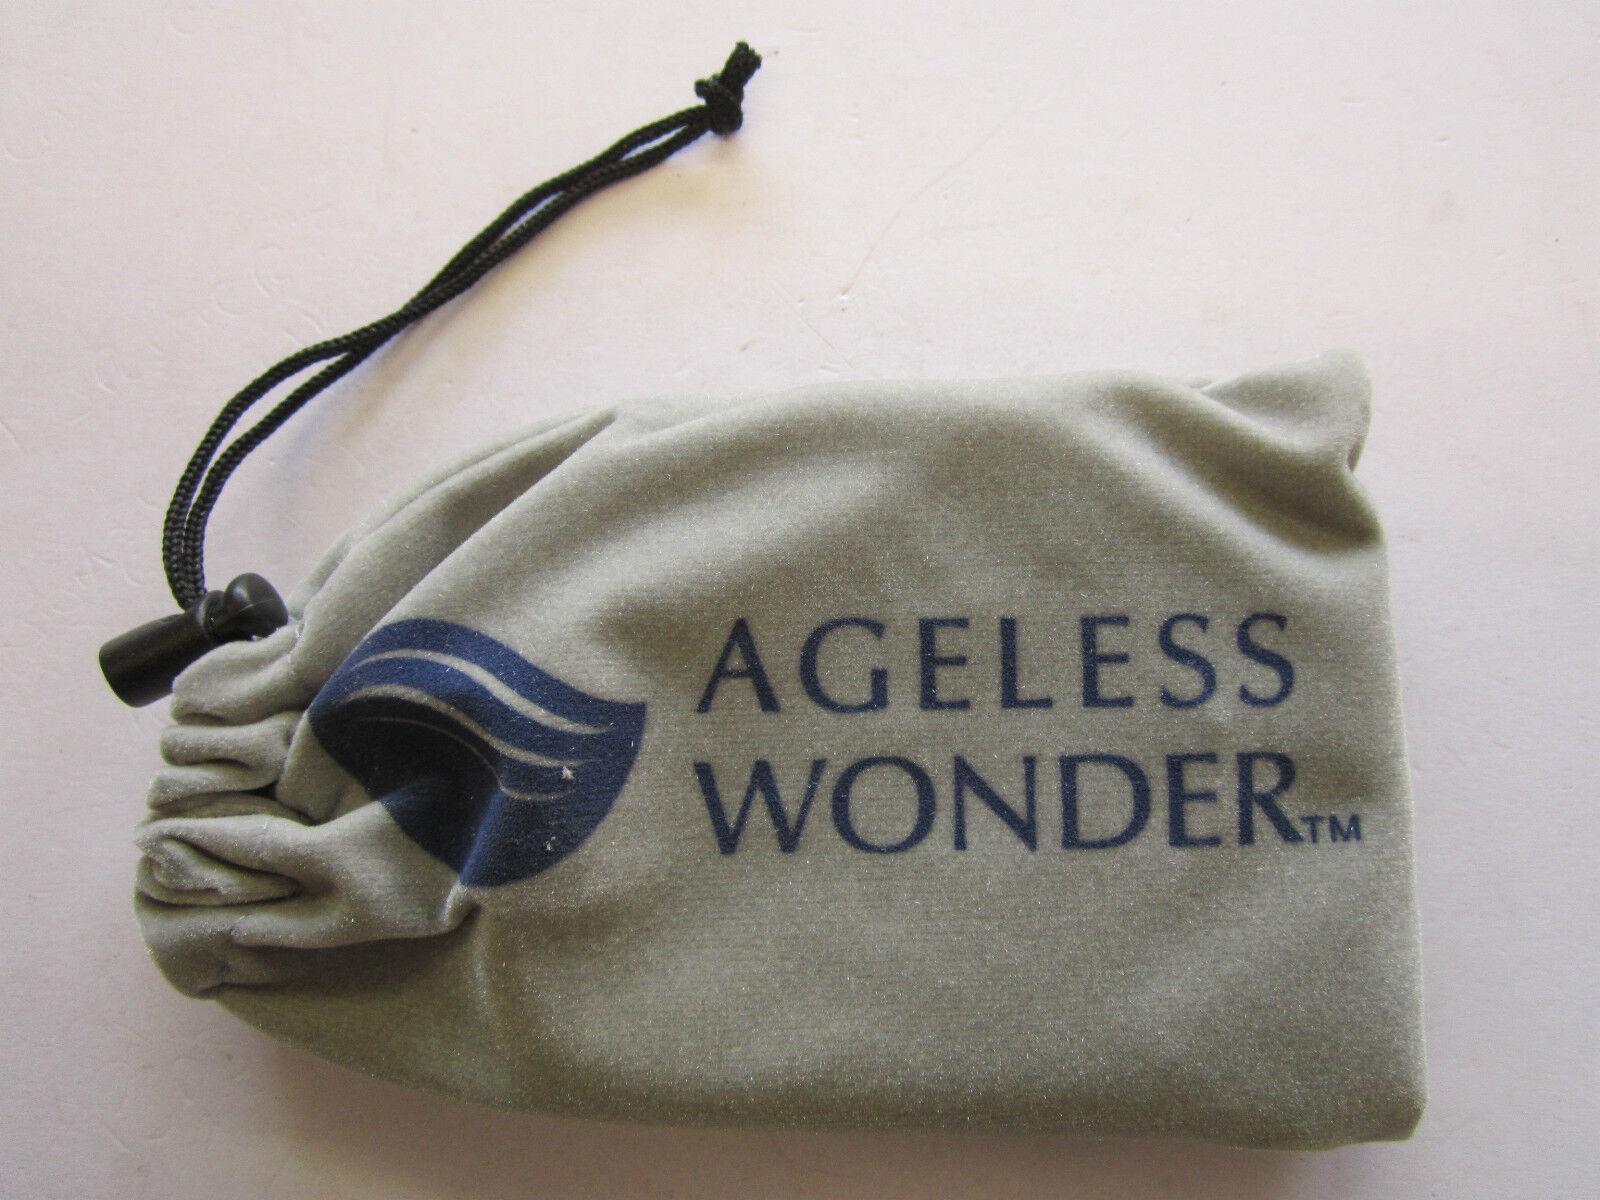 6 x Haute Intensité Réutilisable Gel Pads Set for Ageless Ageless for Wonder Facial Muscle Système a13c63